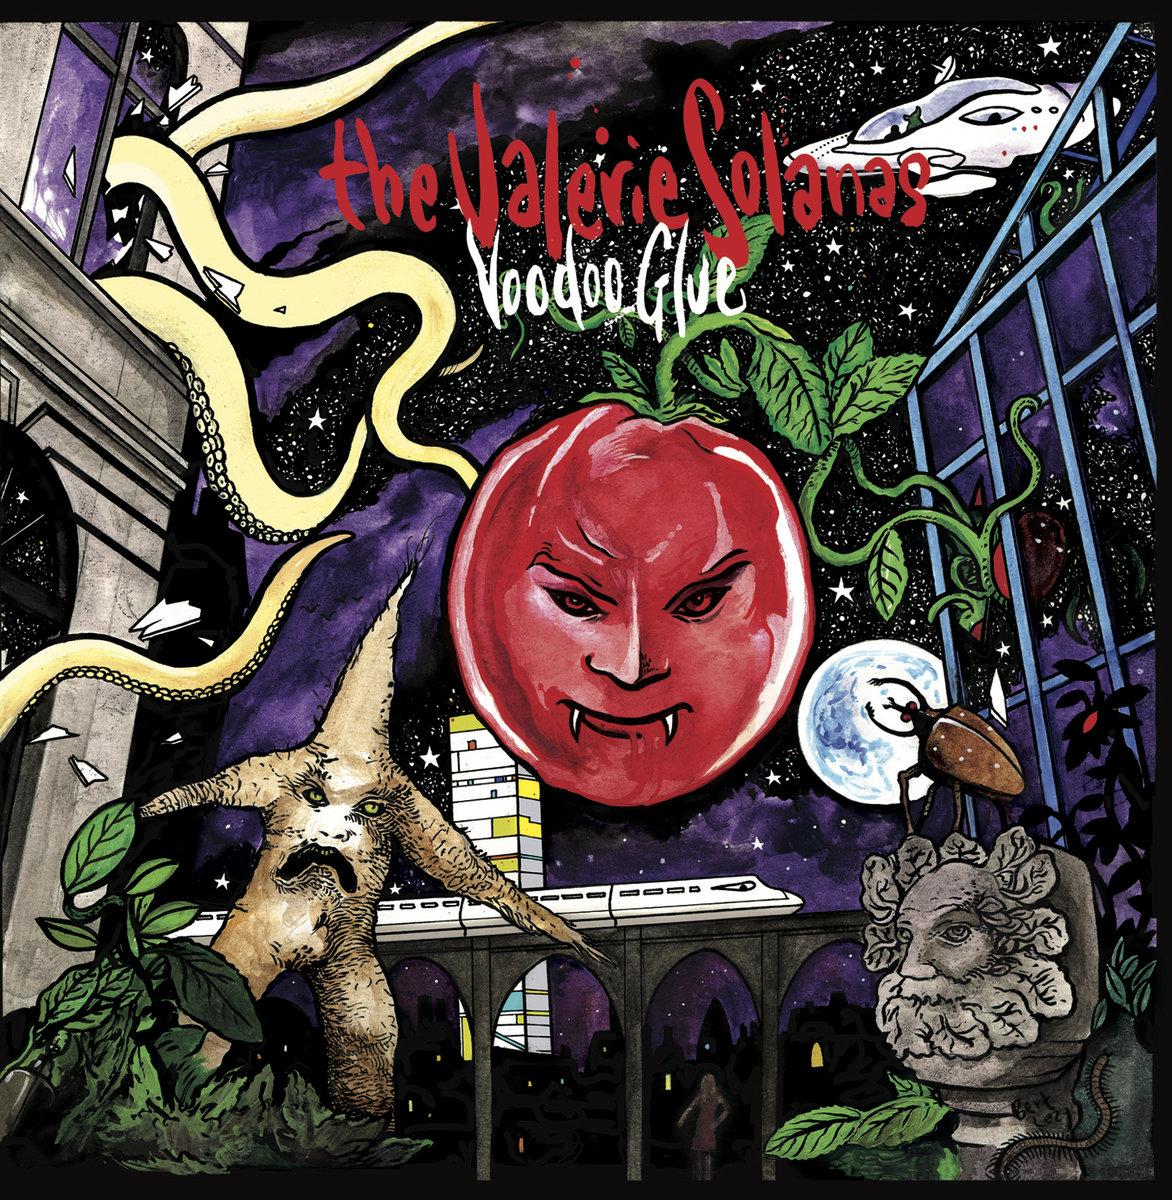 The Valerie Solanas - Voodoo Glue